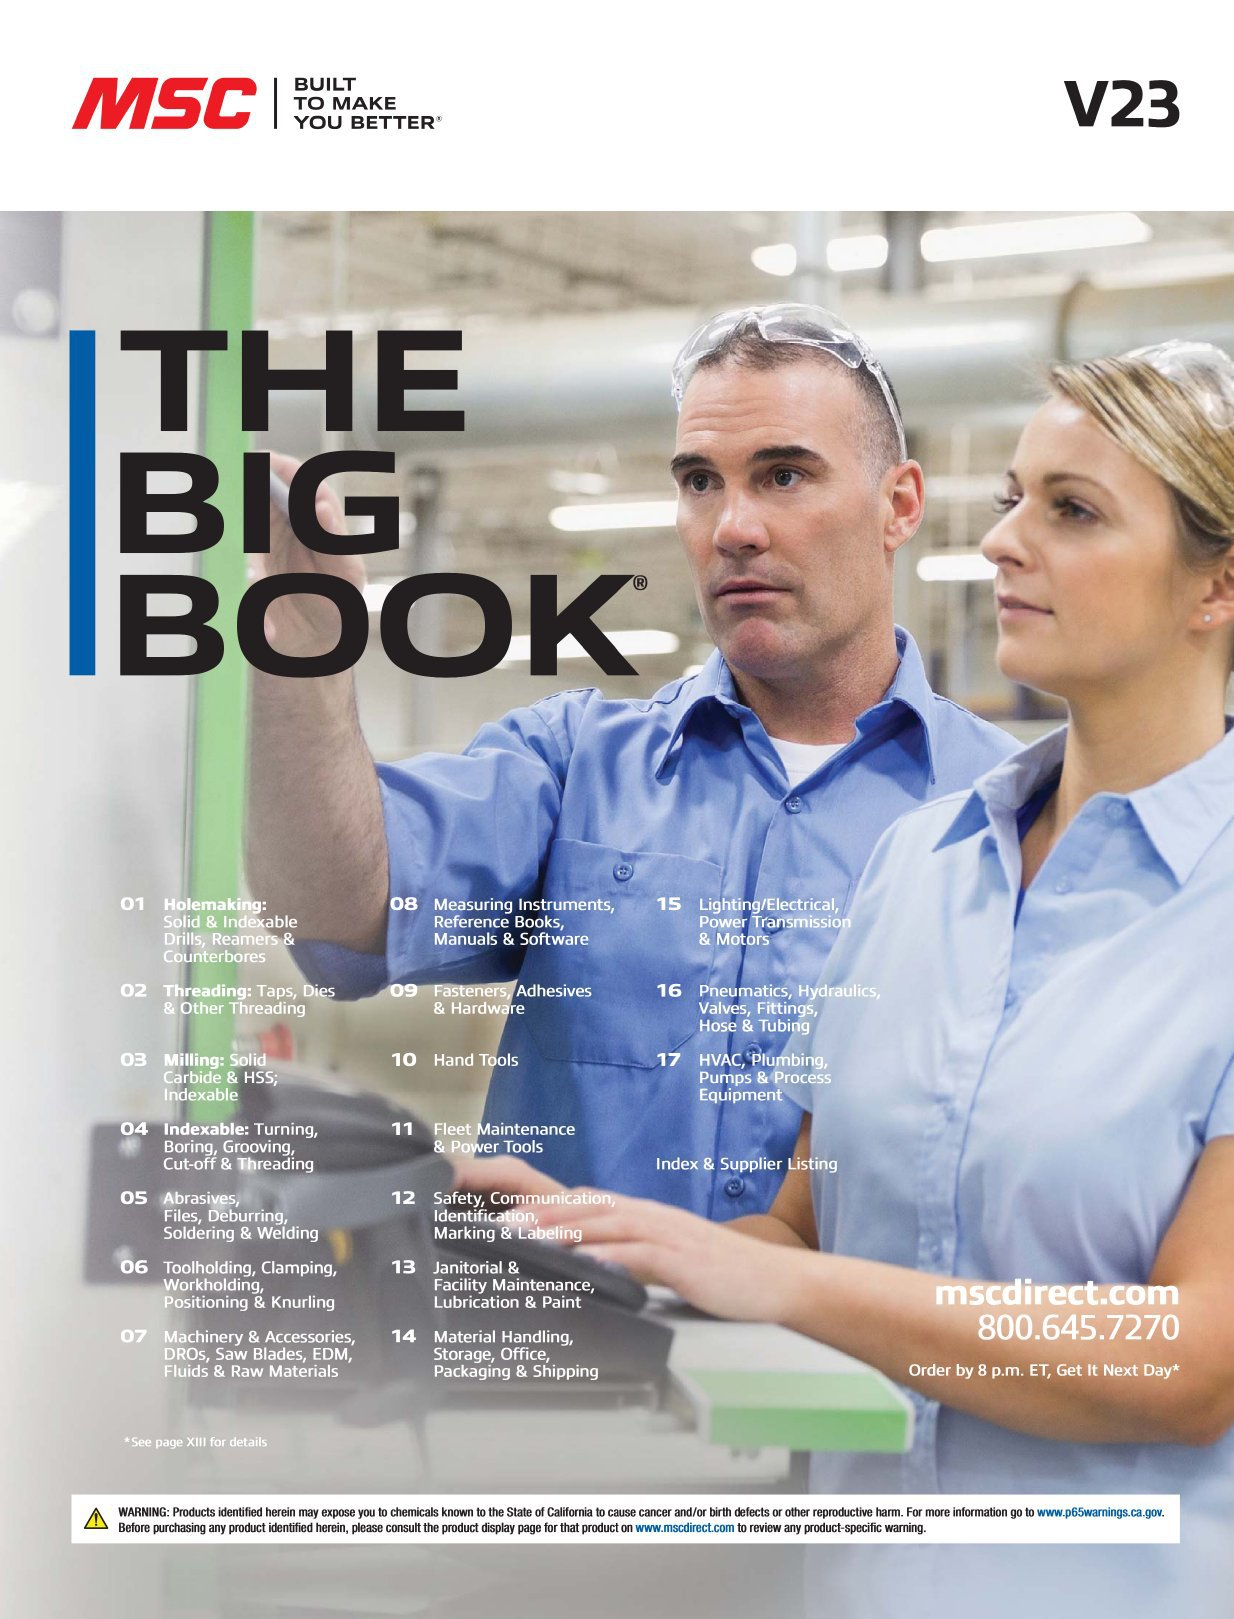 MSC Big Book 2018-2019